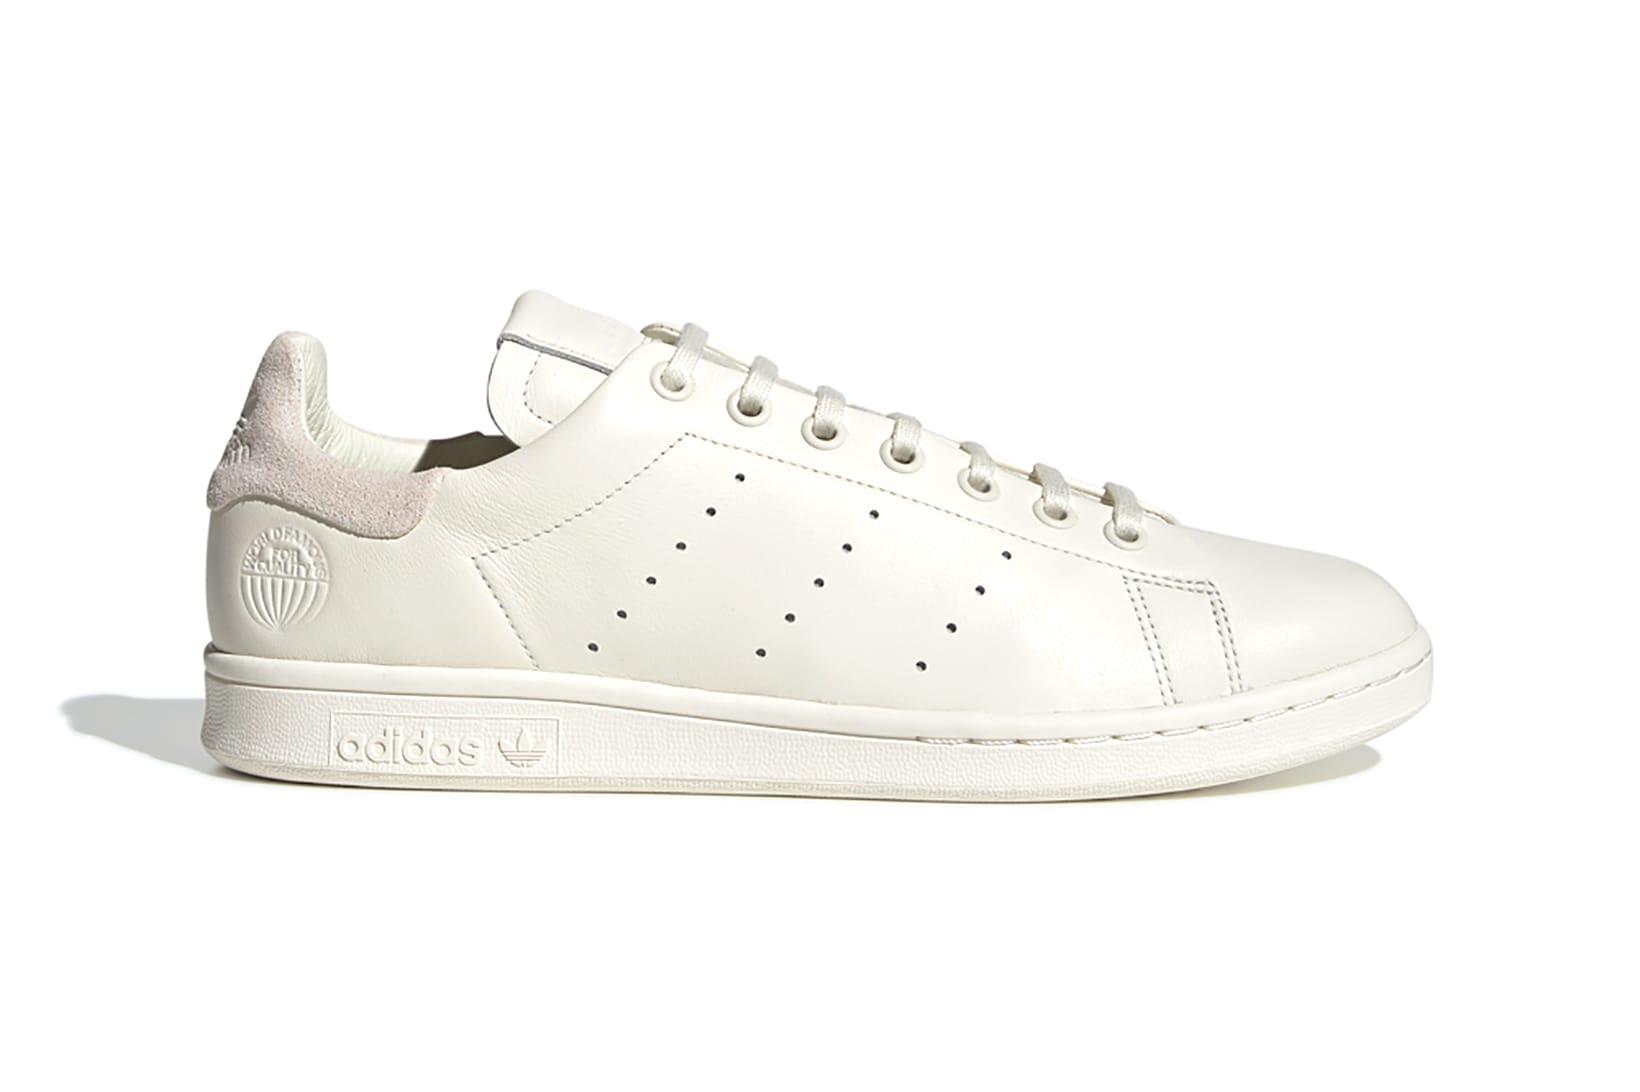 adidas Originals' Stan Smith Recon